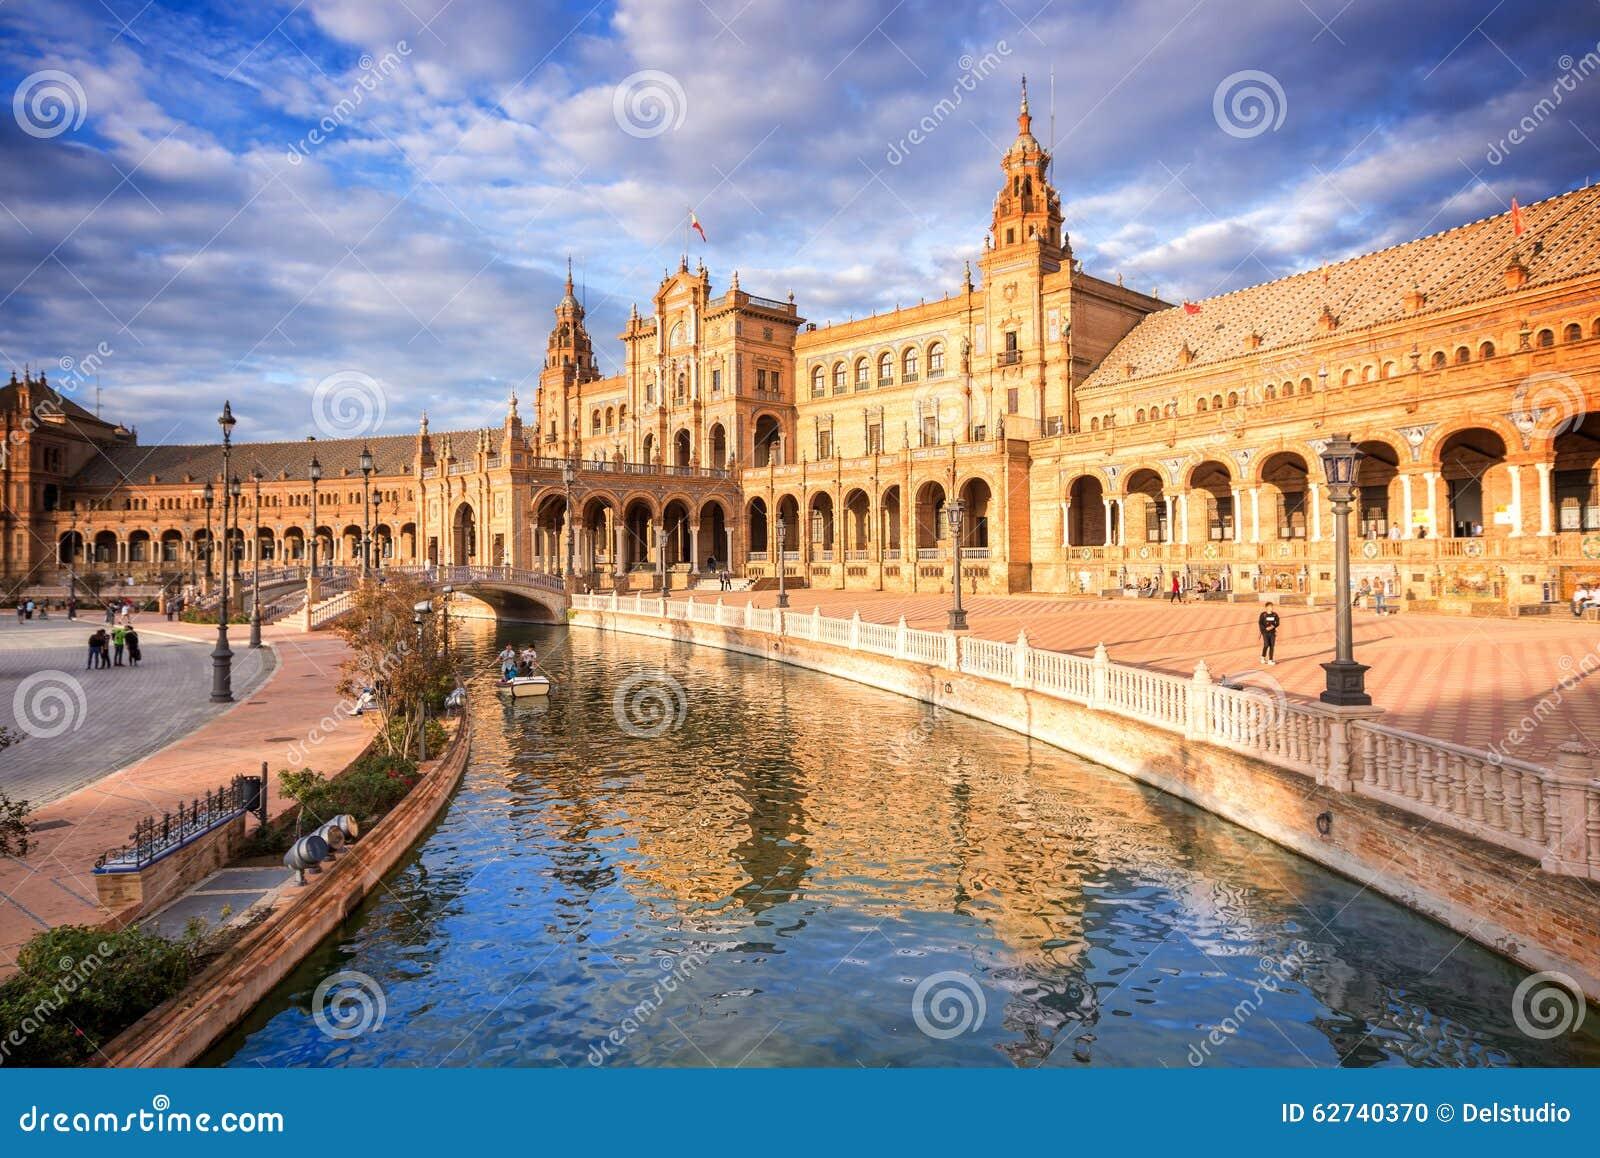 Plaza de Espana (quadrado da Espanha) em Sevilha, Espanha